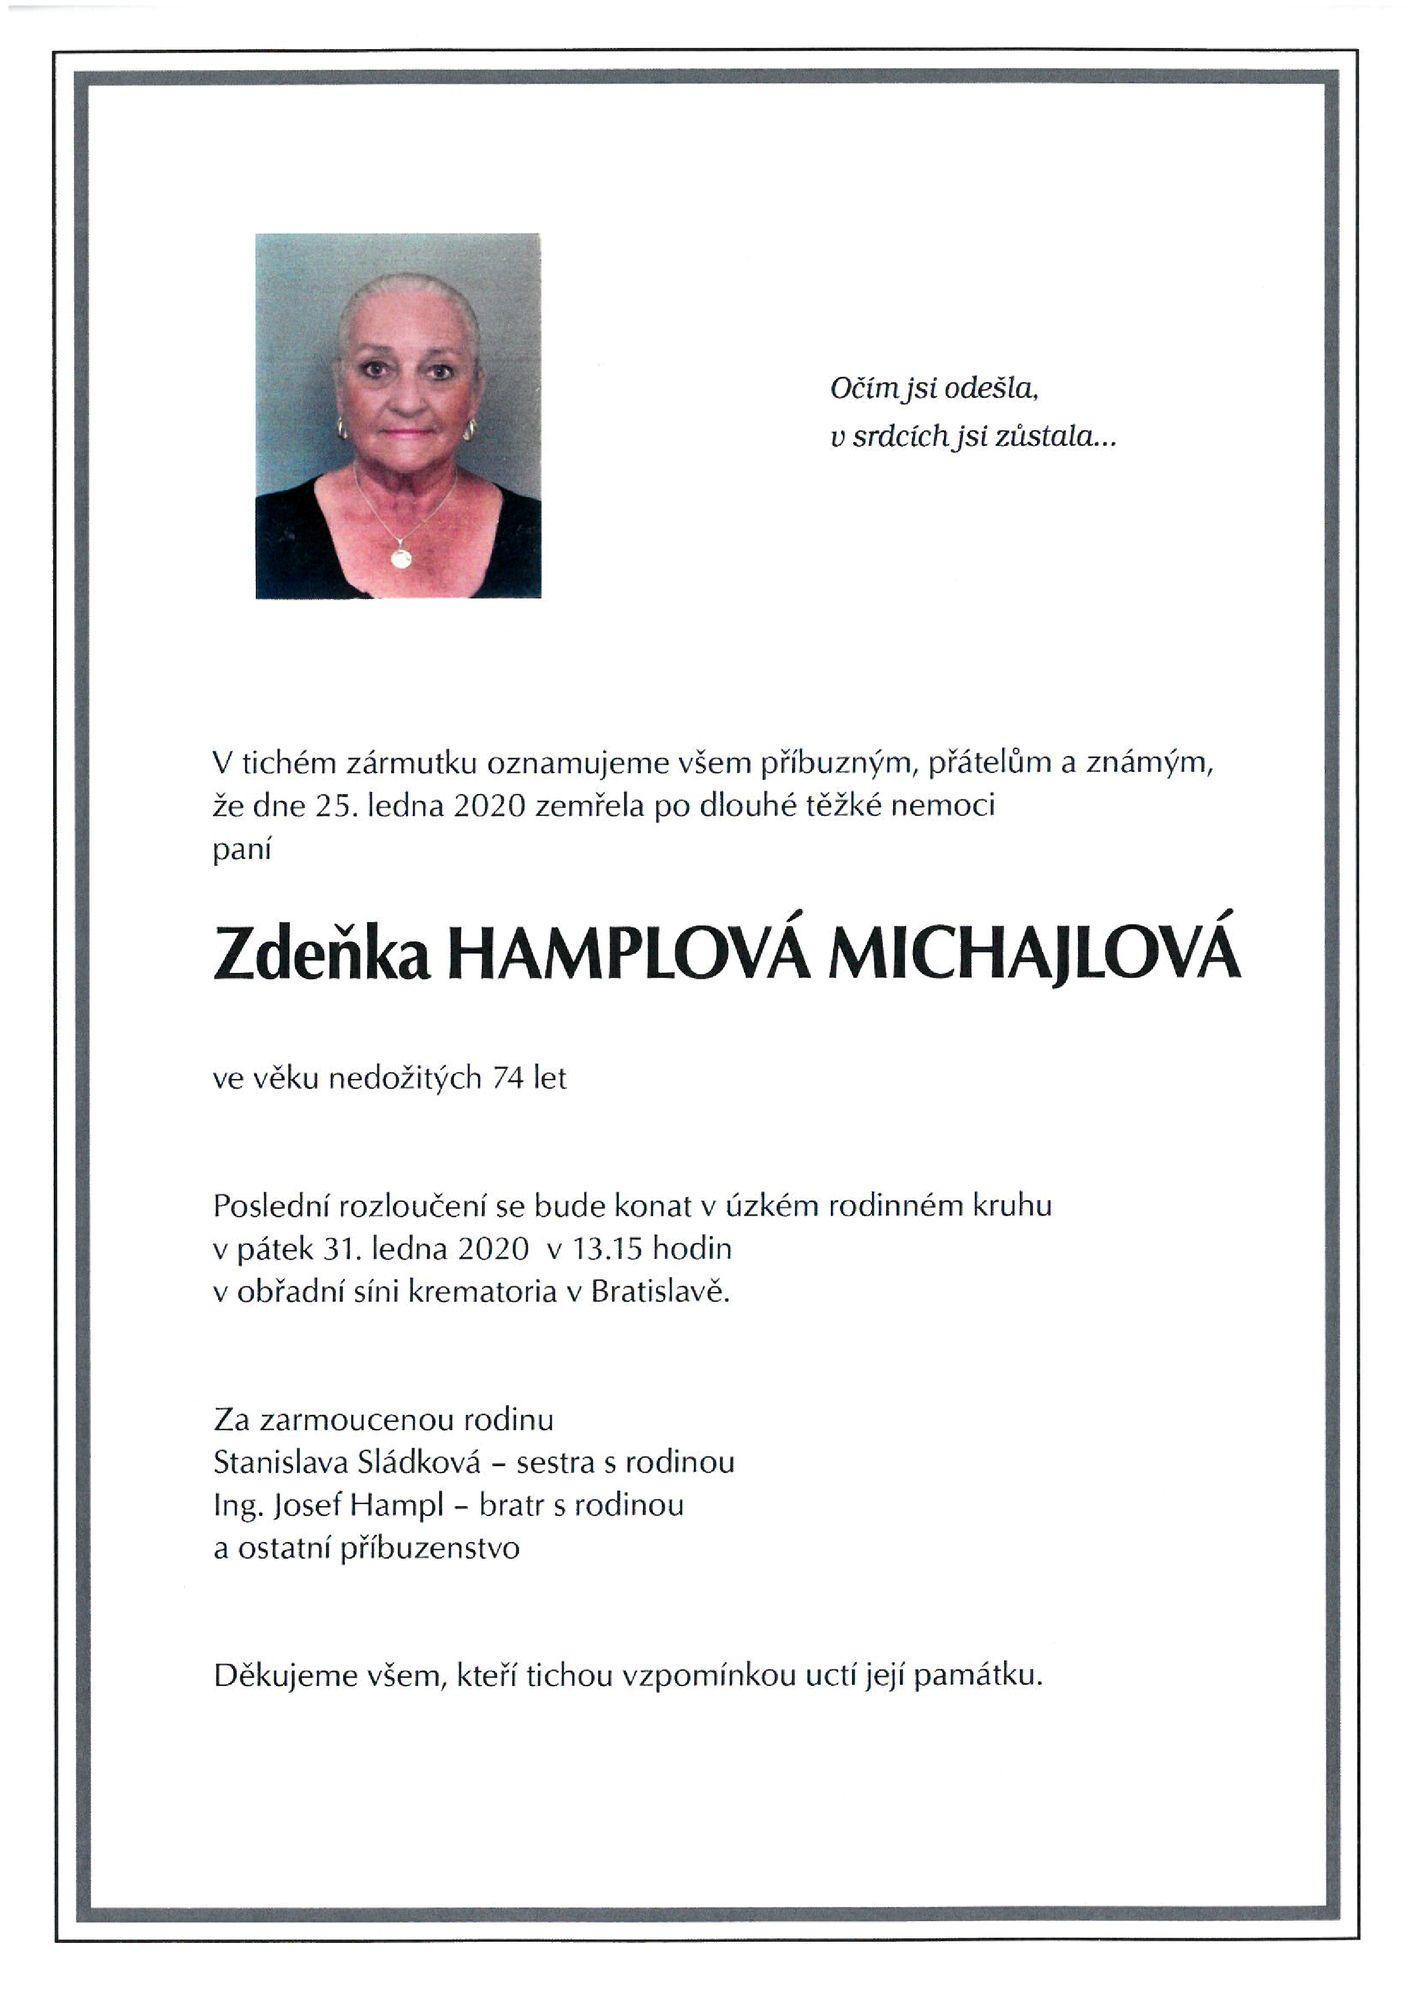 Zdeňka Hamplová Michajlová